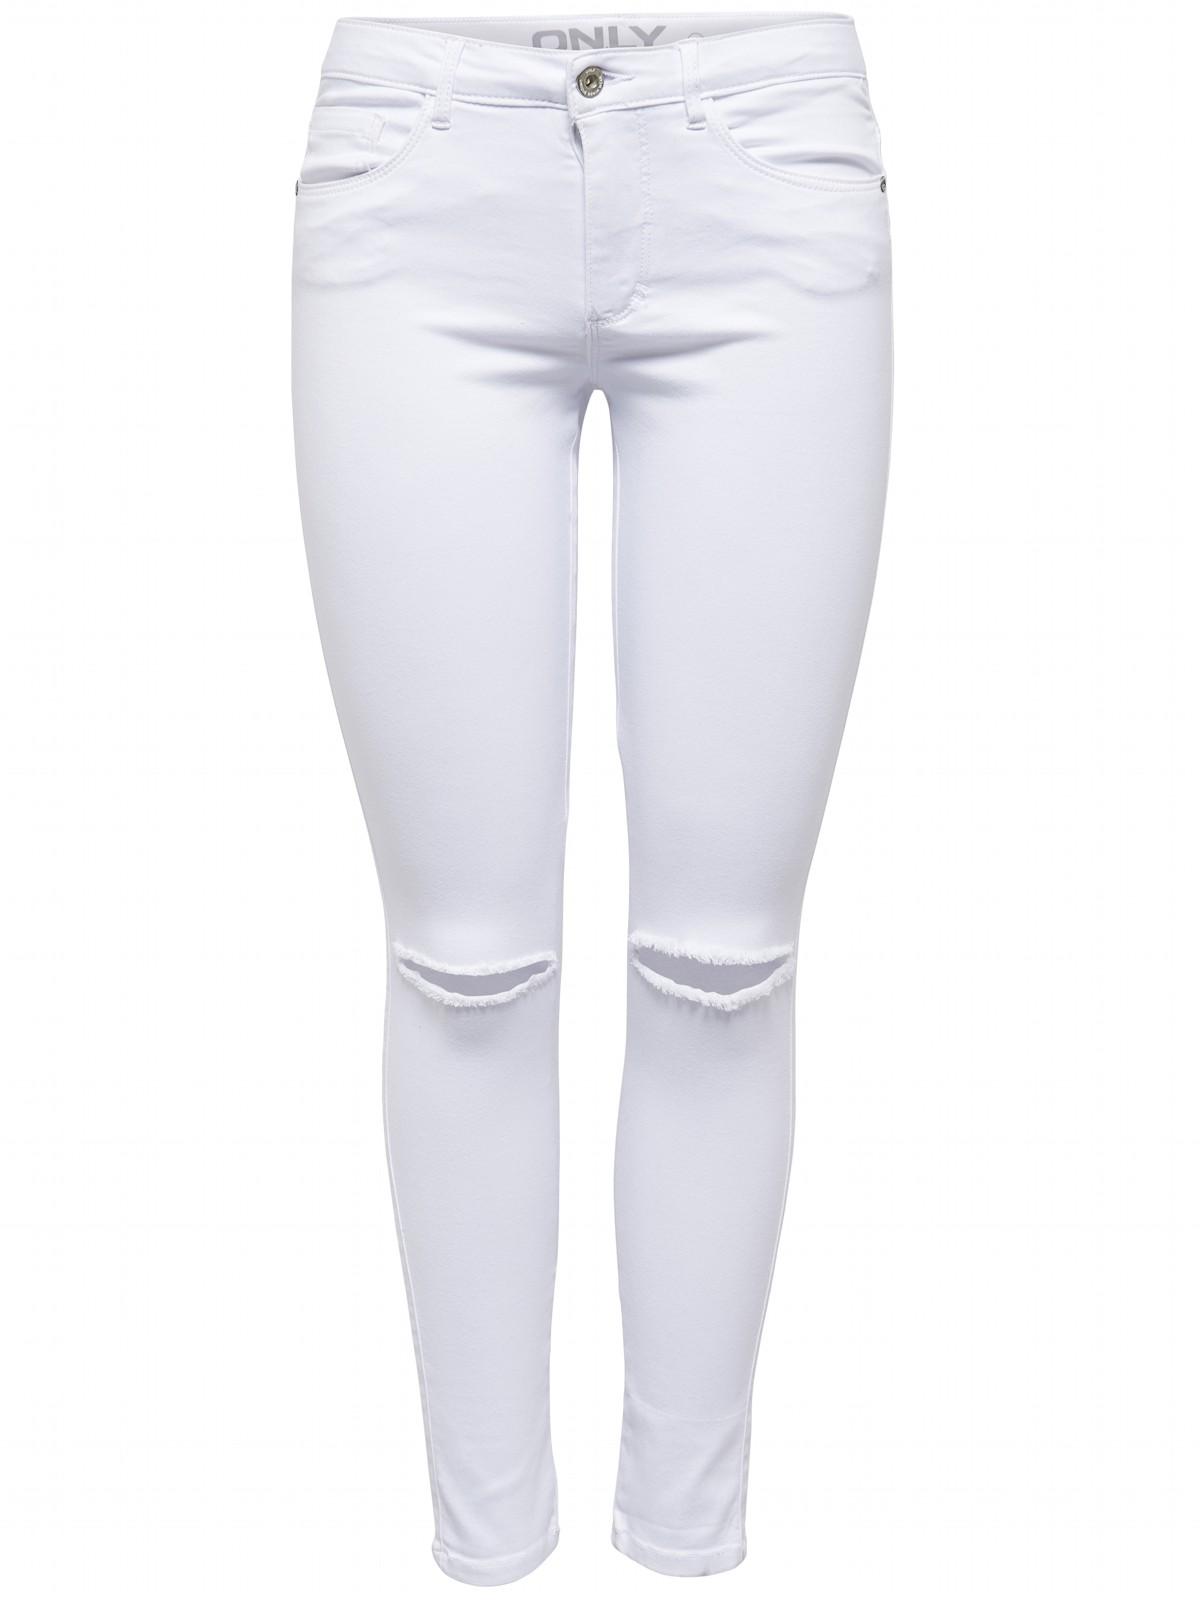 only damen kneecut jeans hose 15105087 onlroyal reg sk. Black Bedroom Furniture Sets. Home Design Ideas